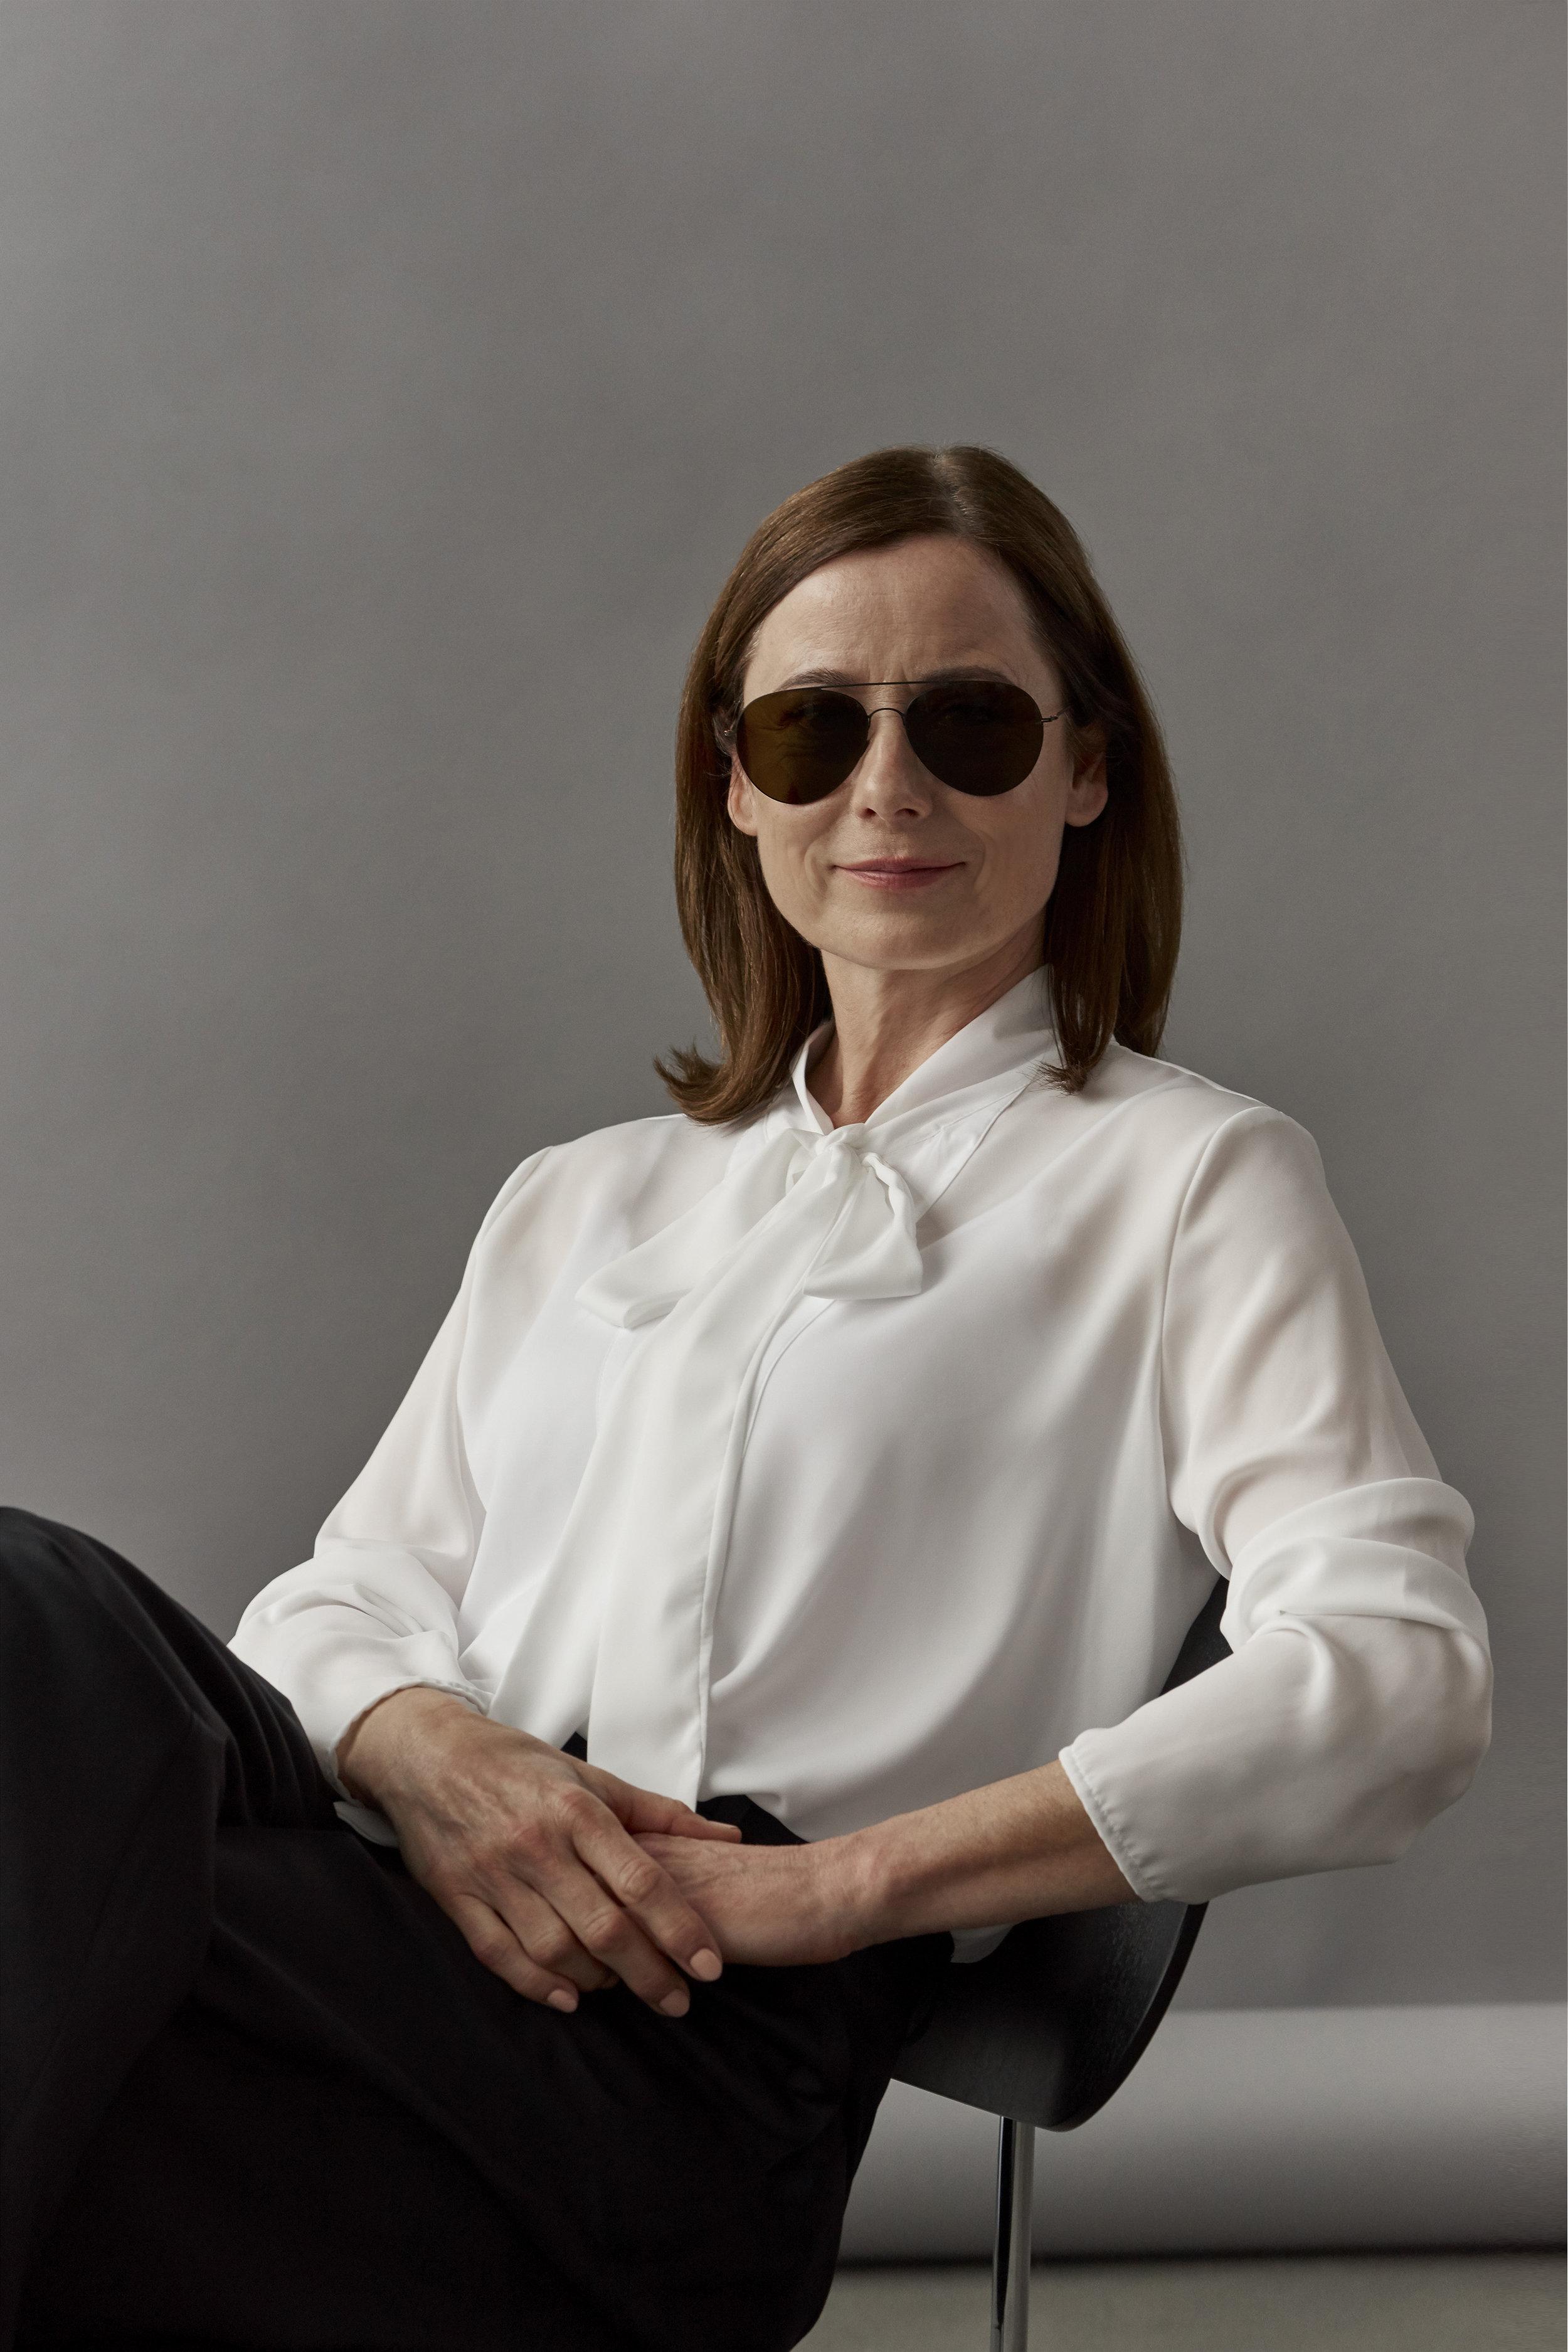 haffmans_neumeister_inka_friedrich_portrait_ultralight_sunglasses_centennial_black_brown_01.jpg